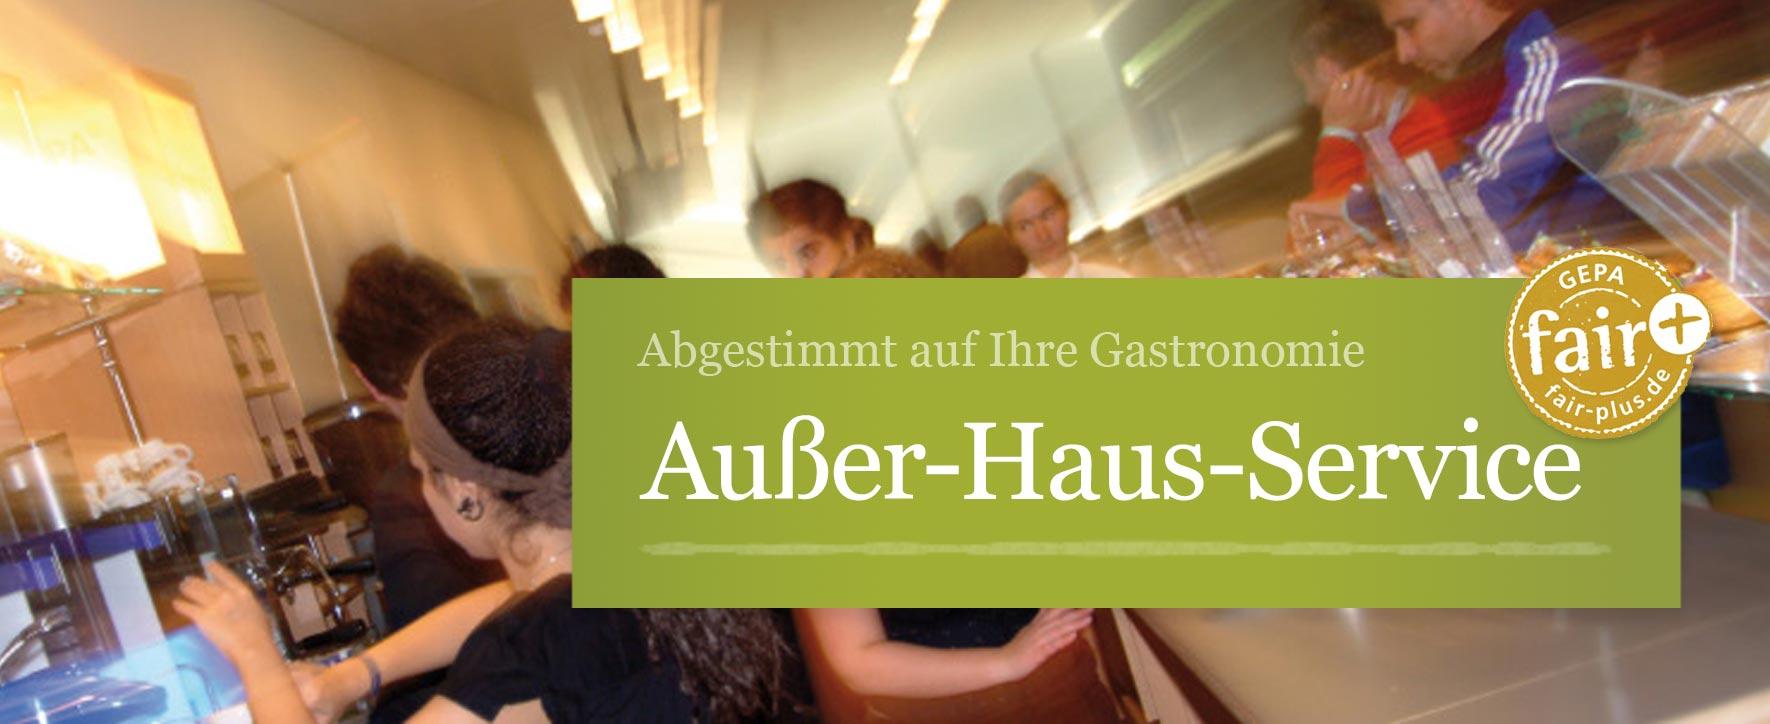 Außer-Haus-Service – Foto: ©